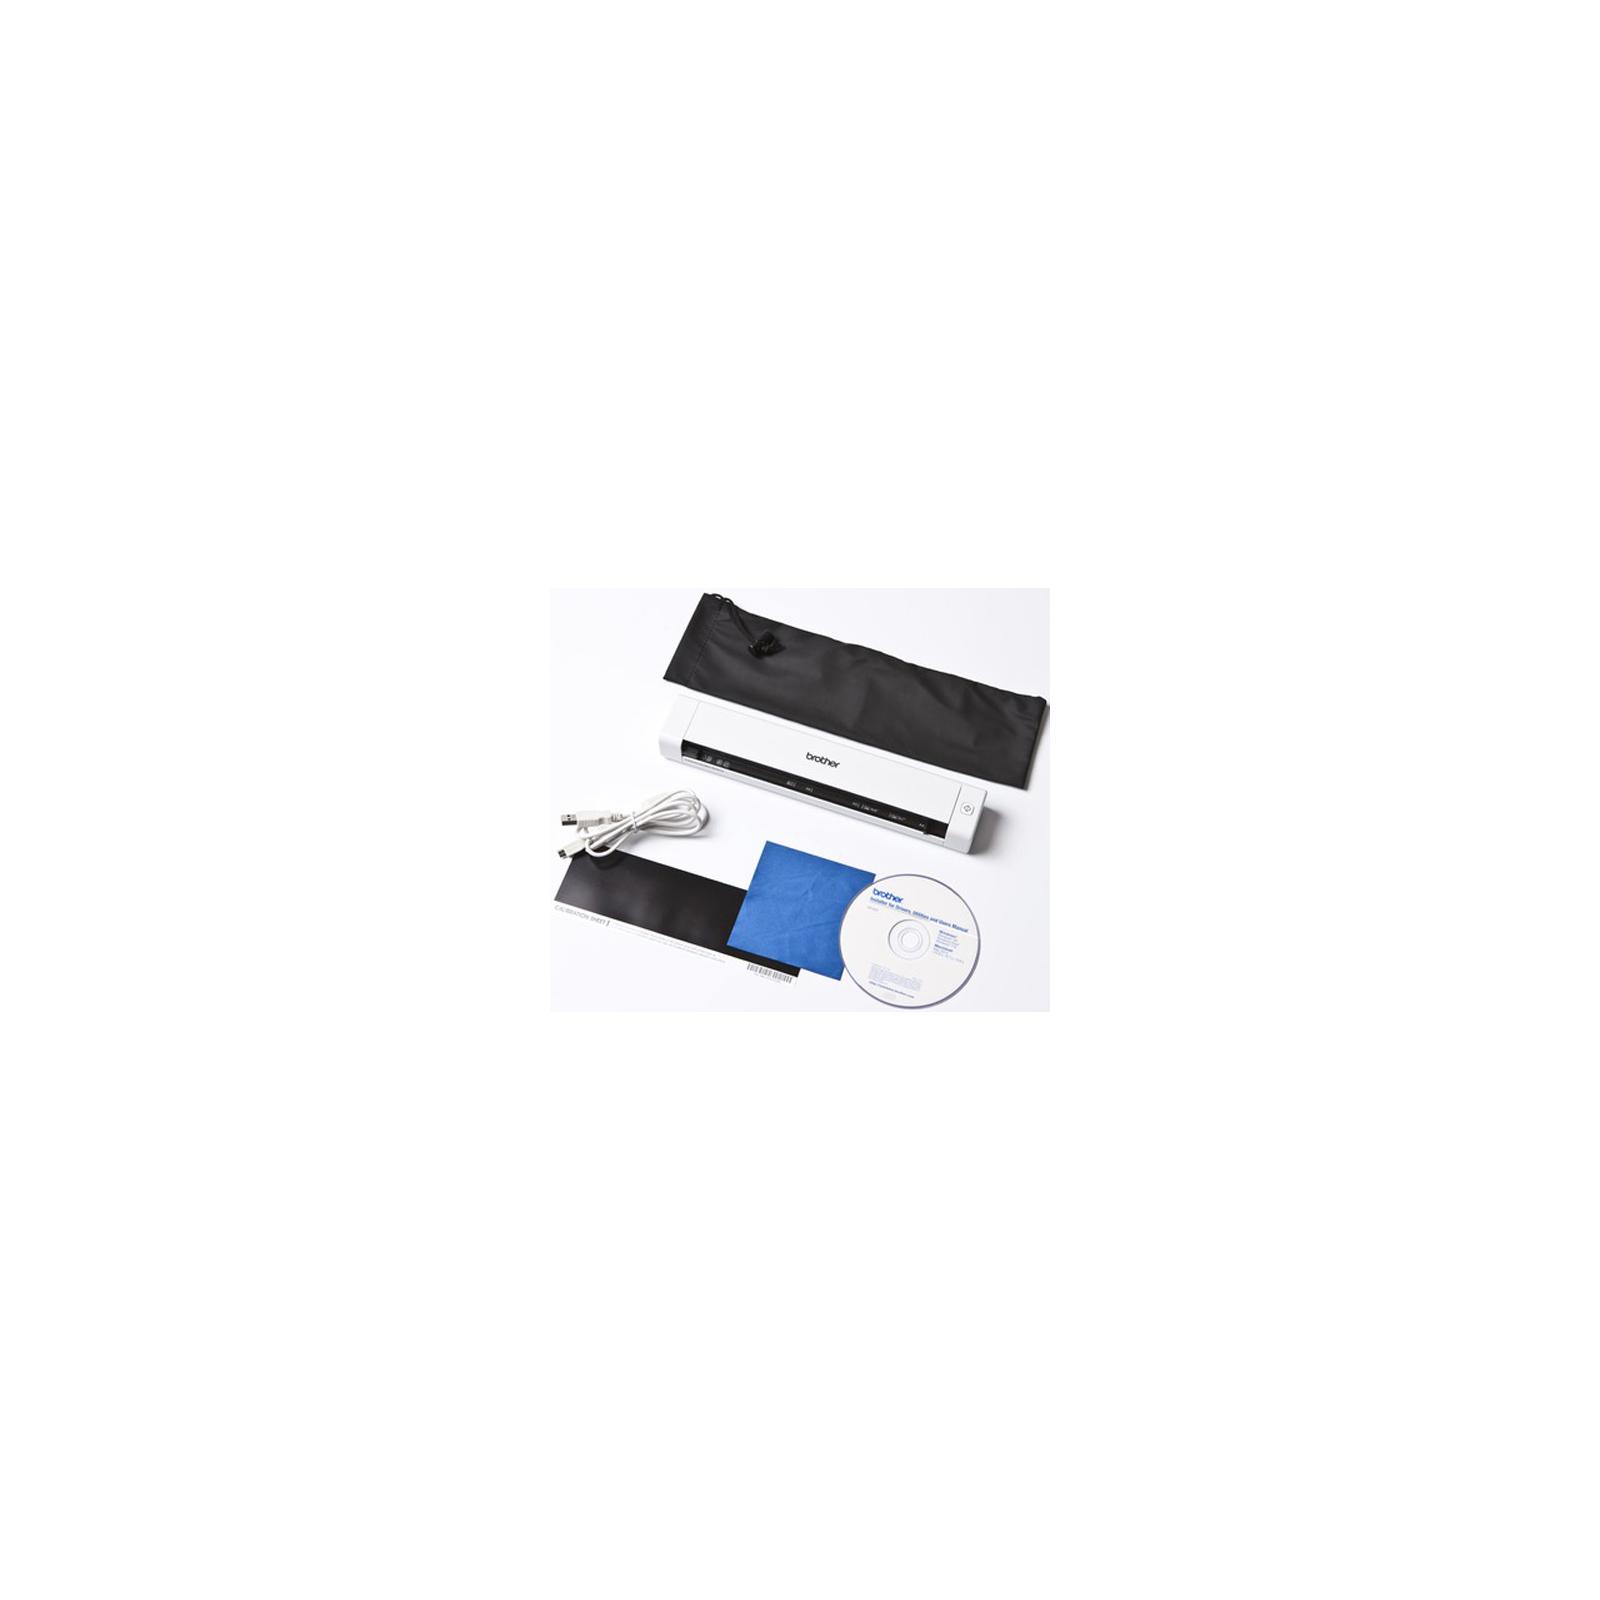 Сканер Brother DS-620 (DS620Z1) изображение 4